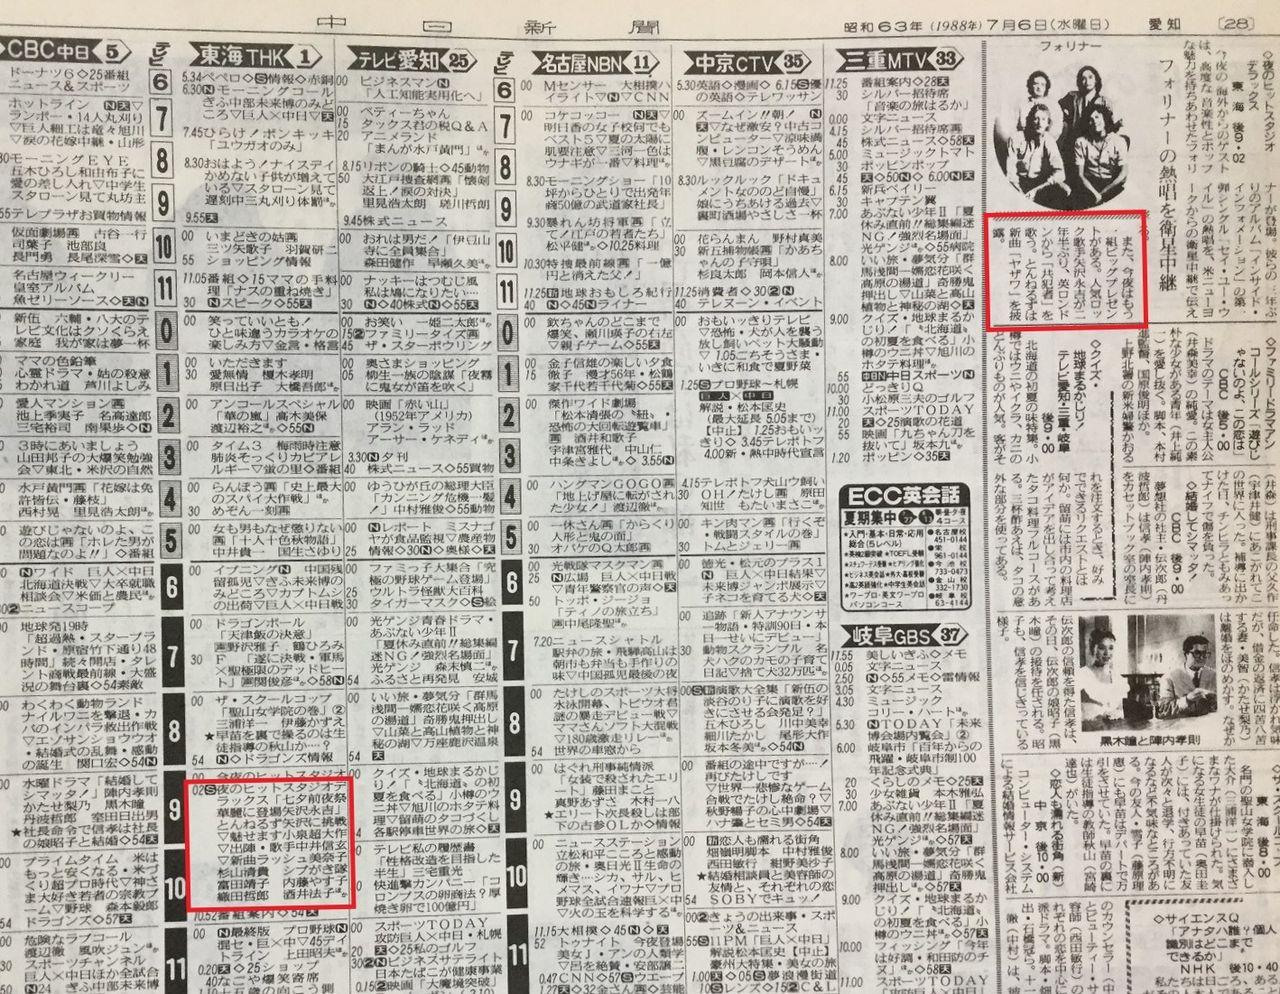 懐かしい? 昭和の広告 vintage Japanese ads